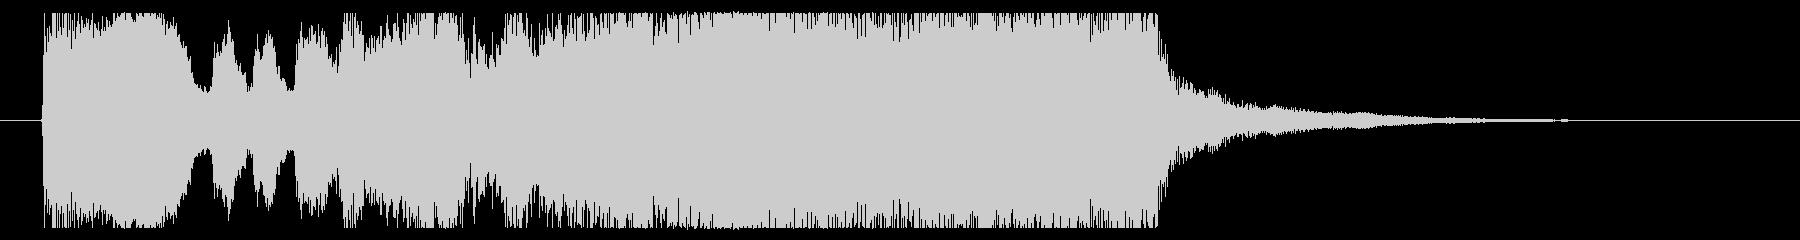 短いファンファーレ。冒険/競馬/結果発表の未再生の波形